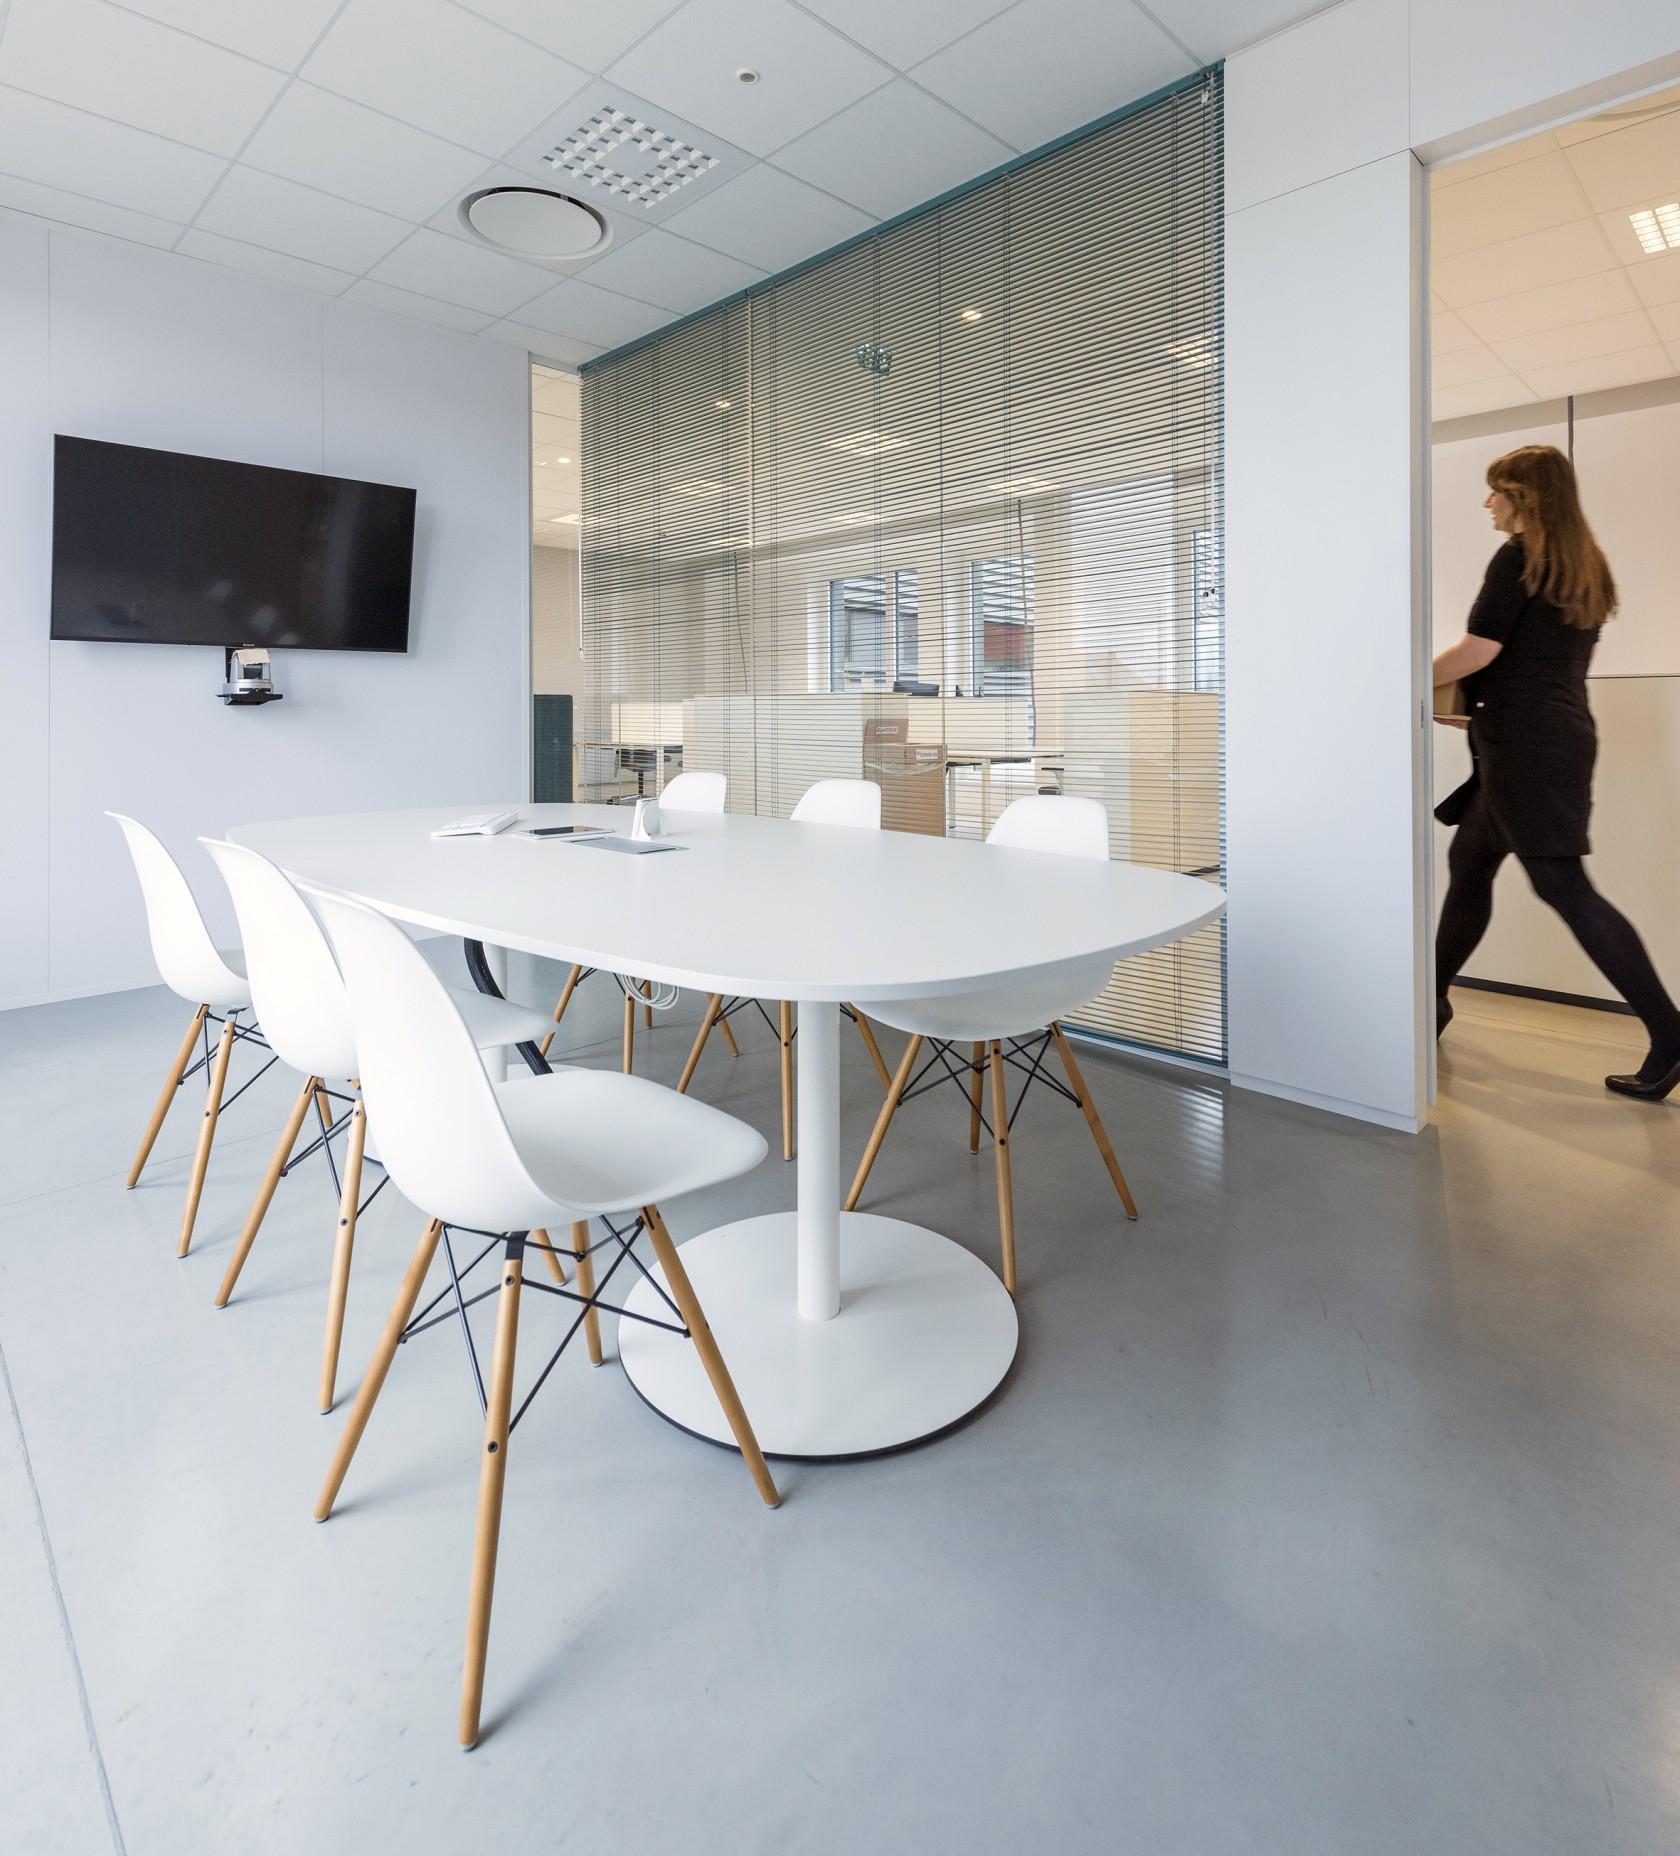 3e concept office hallesnes les haubourdin 59 lille france guillaume da silva - Bureau de change a lille ...